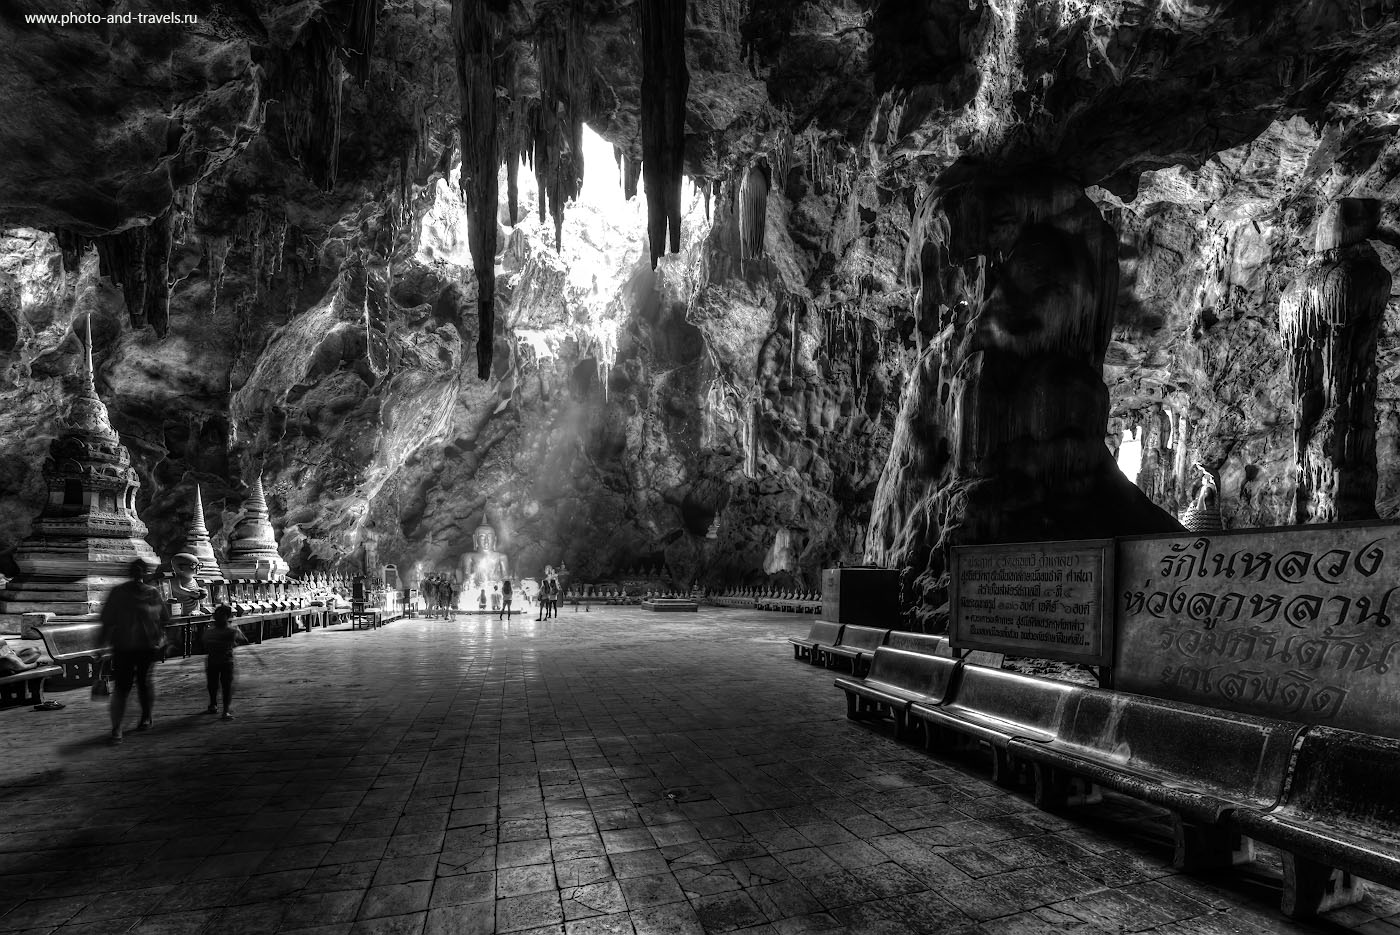 Фотография 16. Ширик нужен, например, для съемки в пещерах и подвалах. Камера Nikon D610, объектив Samyang 14mm f/2.8. Данный снимок – ХДР из трех кадров.